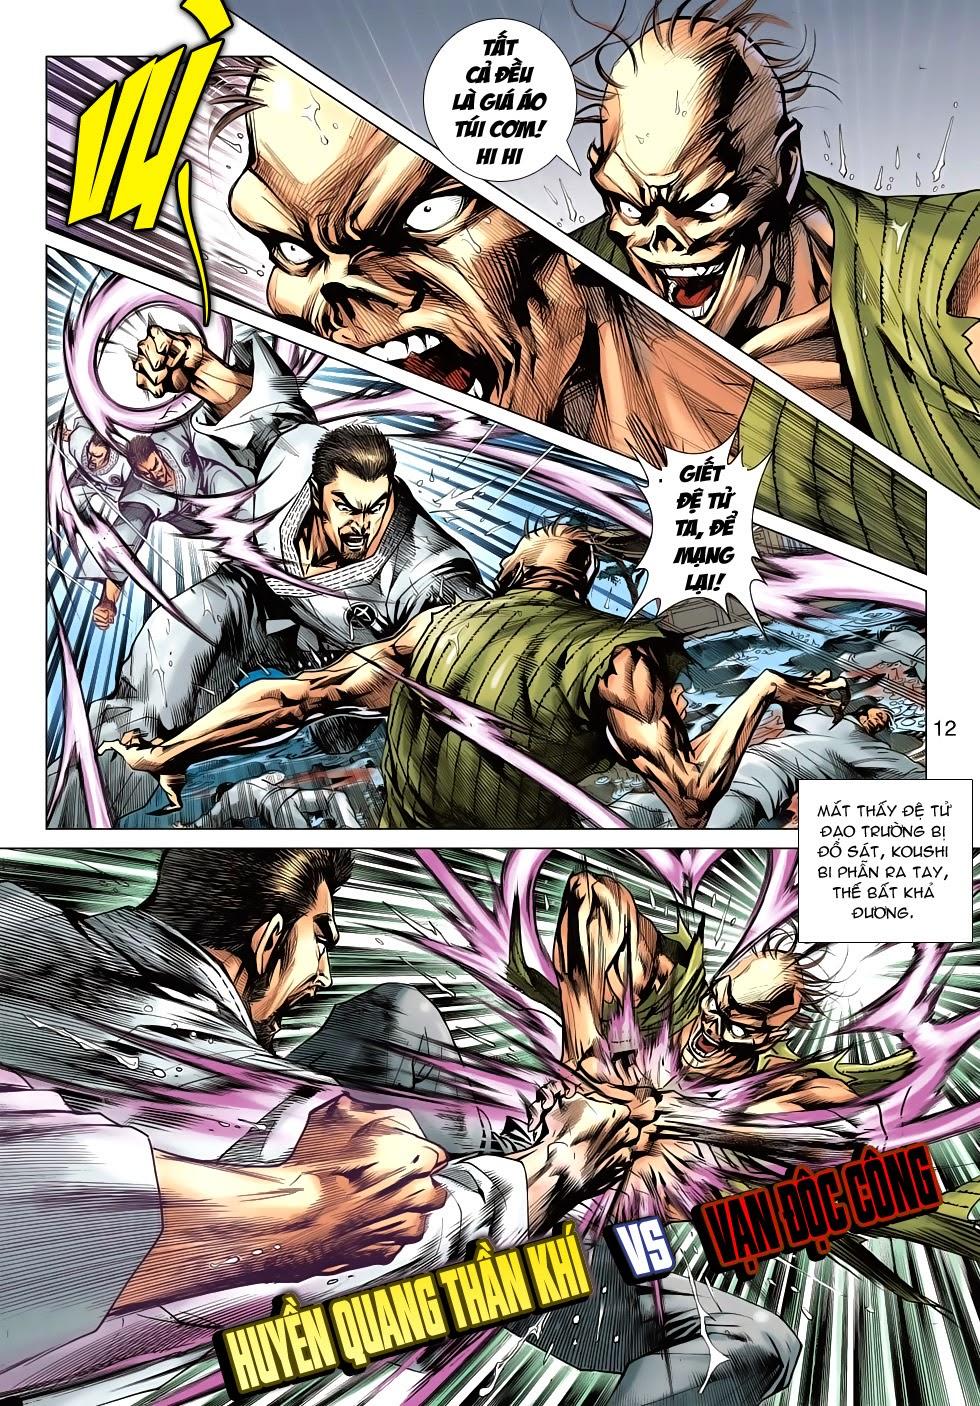 Tân Tác Long Hổ Môn trang 12